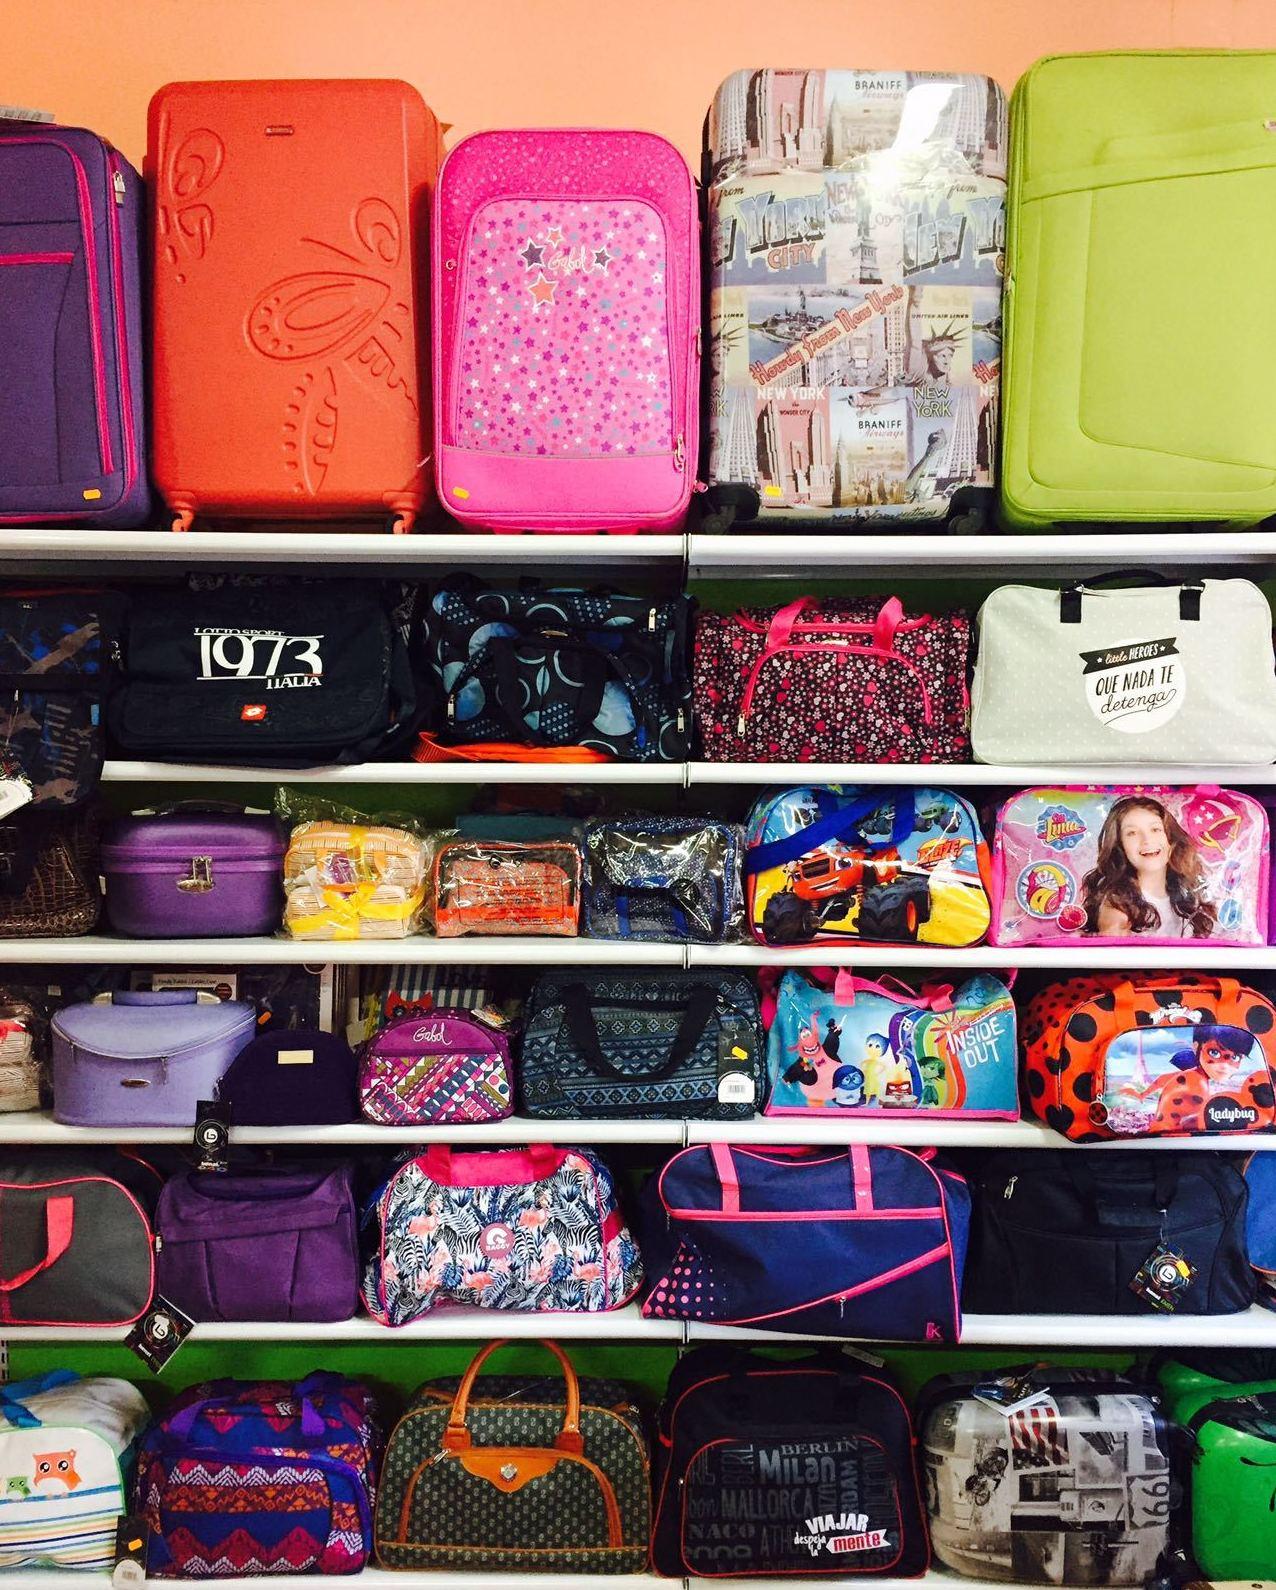 Llega el verano a multiprecios la Américas: Nuestros productos   de Multiprecios Las Américas